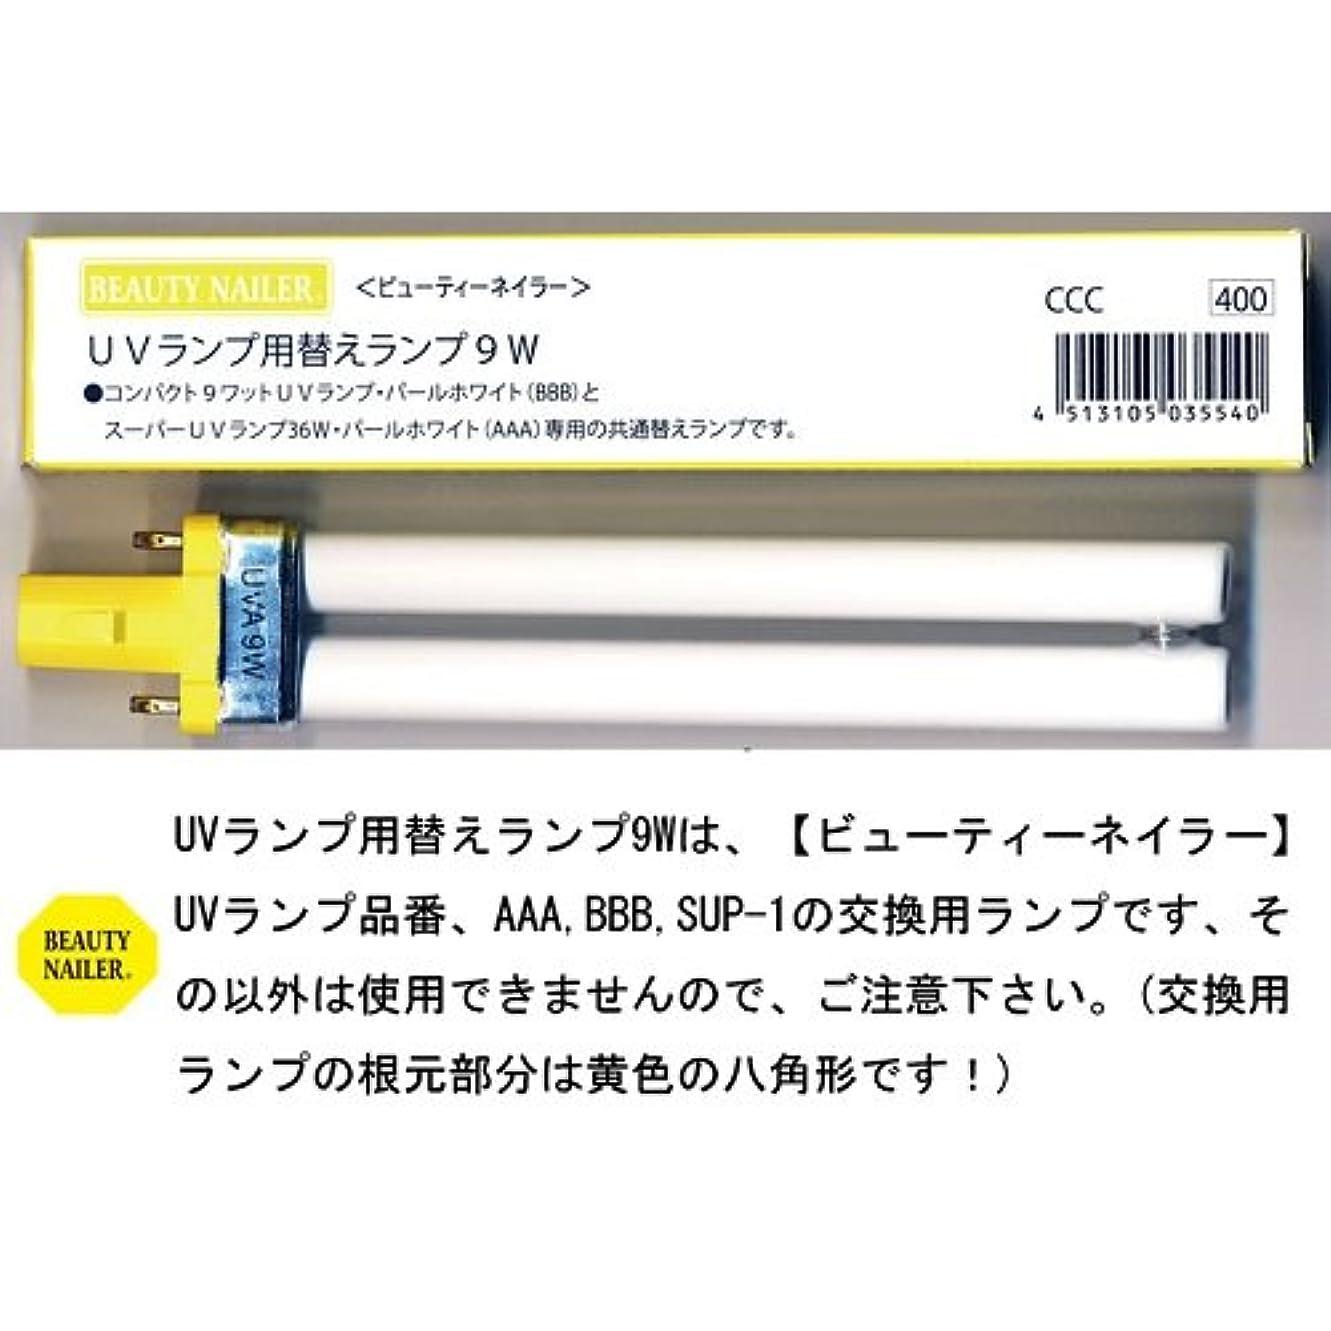 ページェント勧告メジャービューティーネイラー 交換用UVランプ9W 4本セット CCC-4